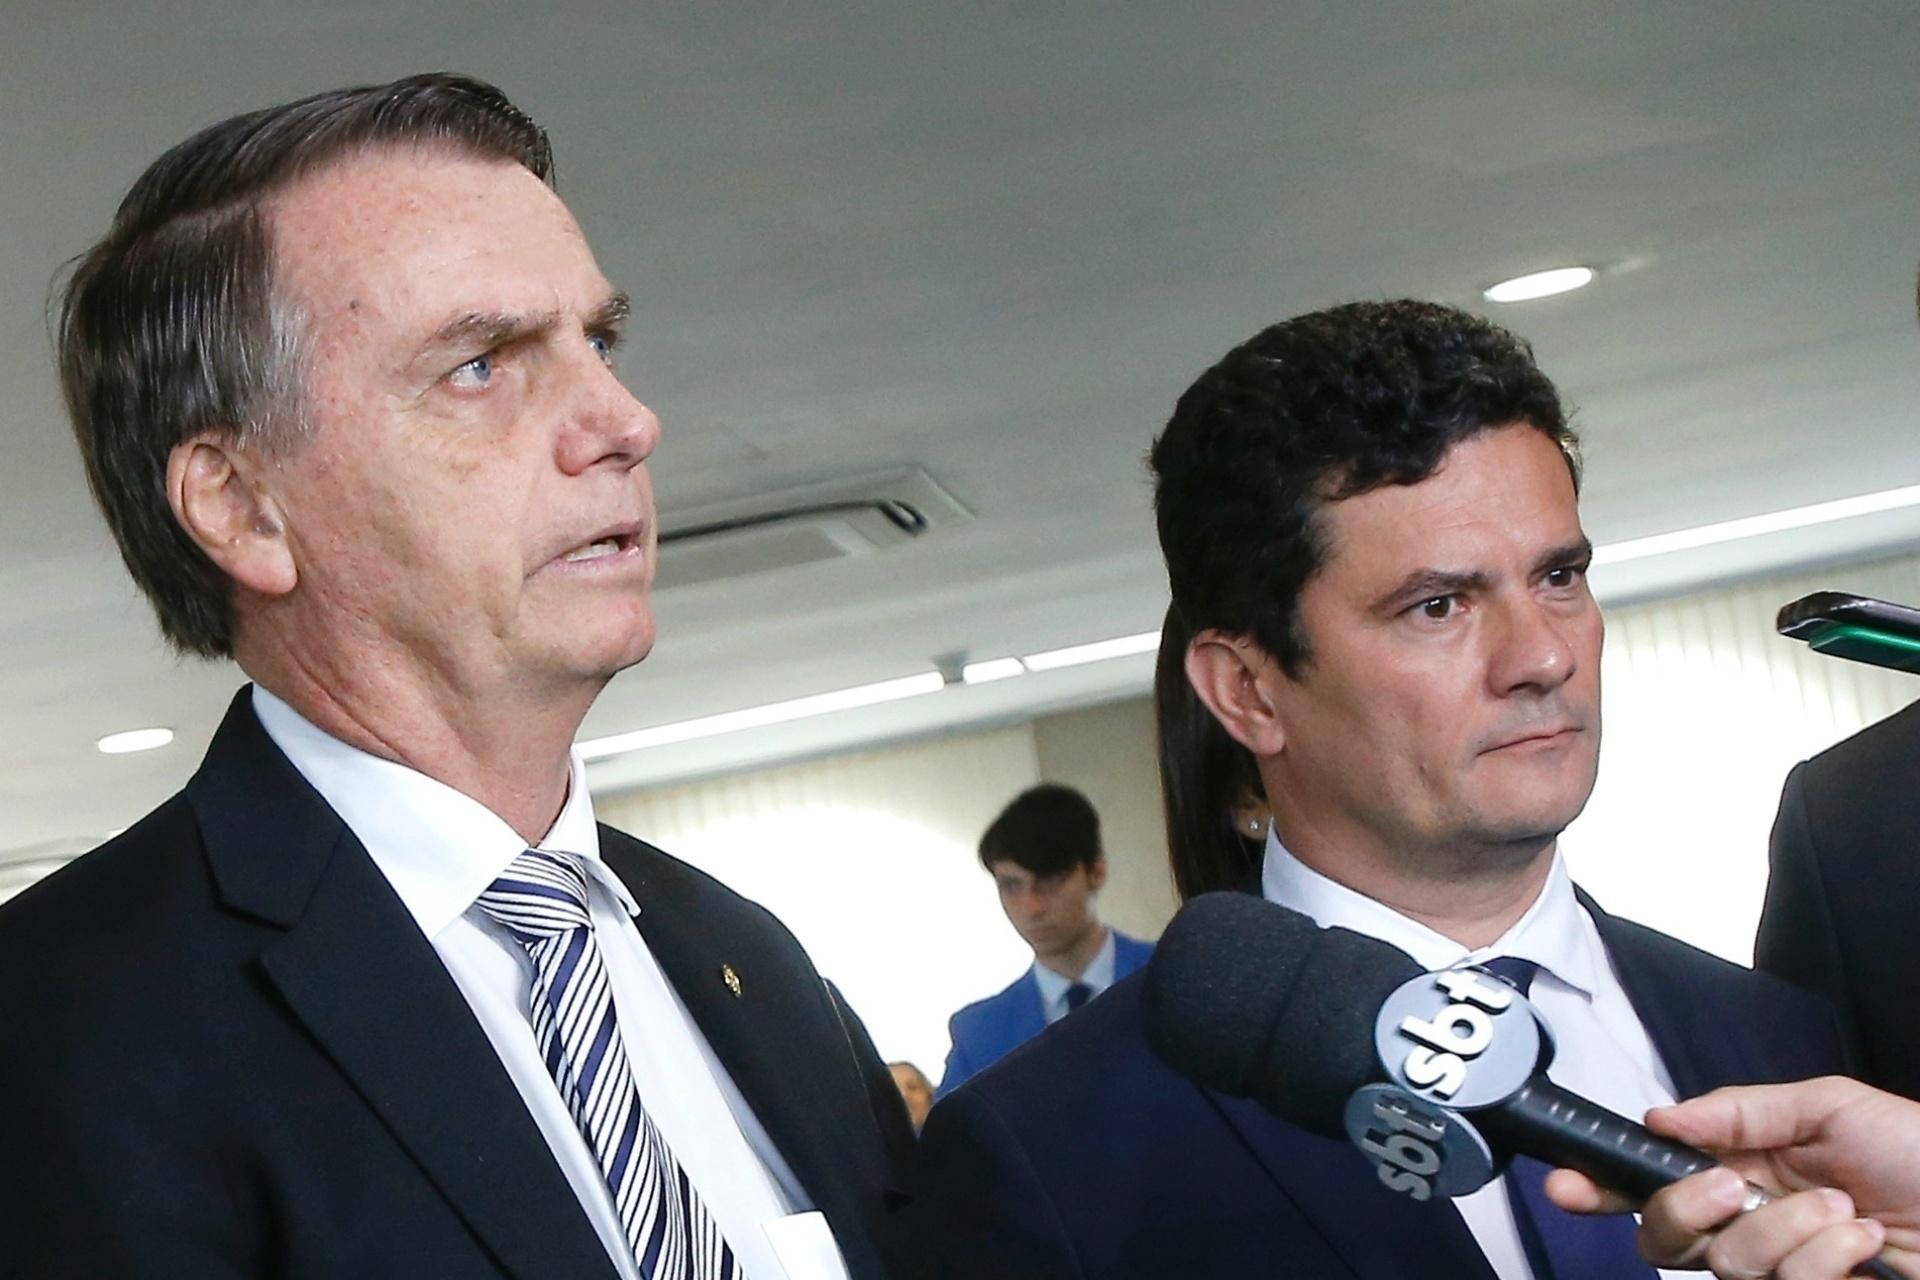 094a040e56 Bolsonaro anuncia excludente de ilicitude a agricultores sem consultar Moro  - 30 04 2019 - UOL Notícias